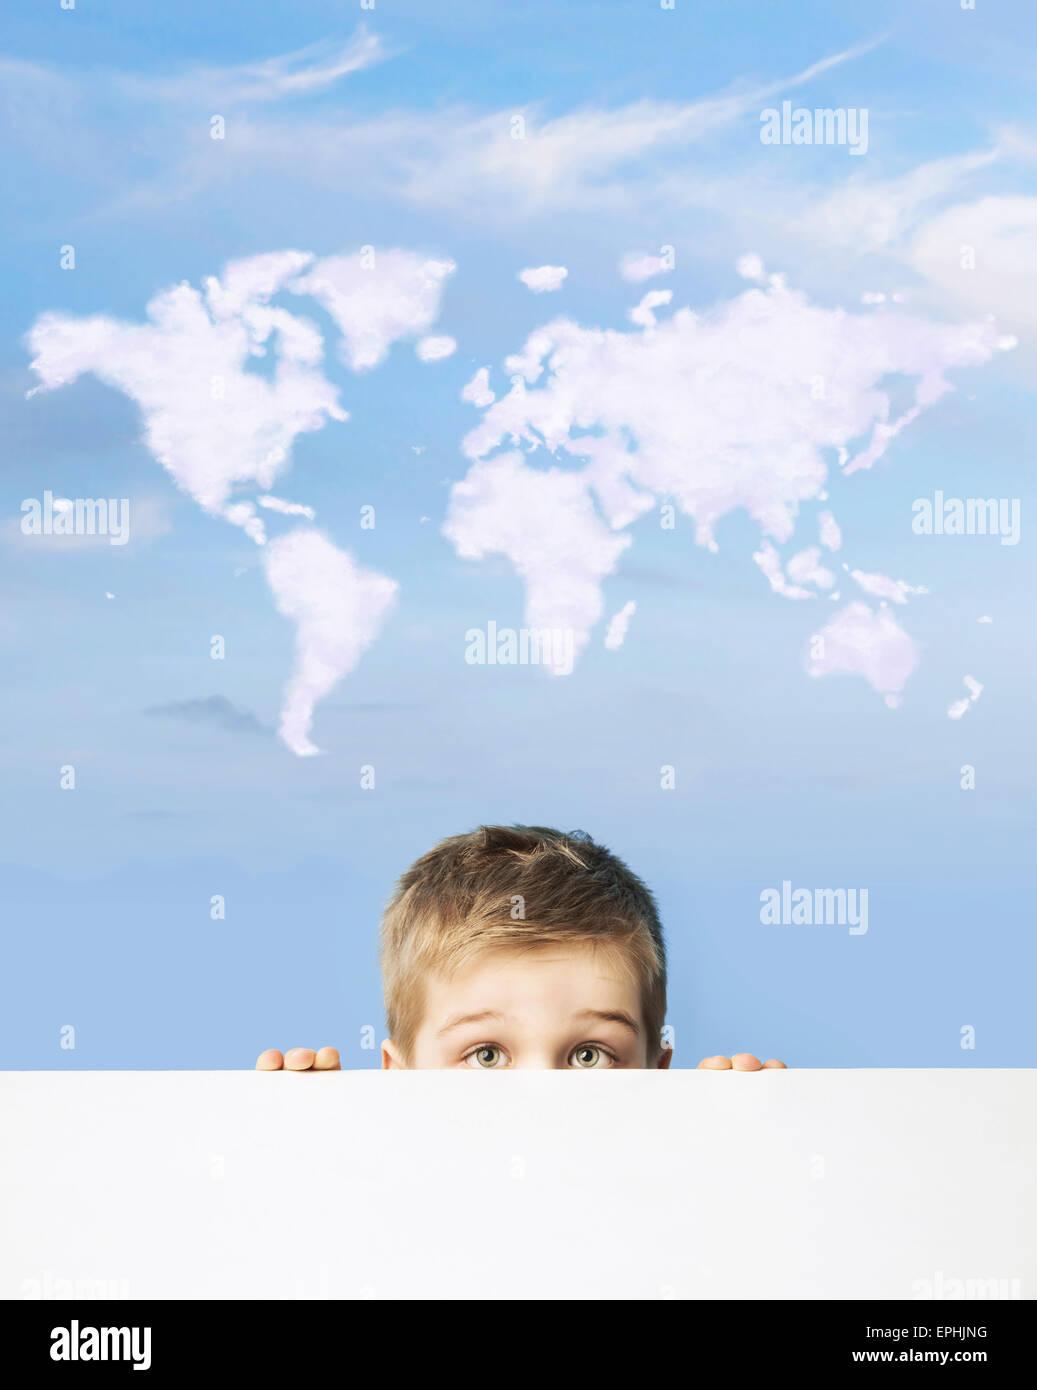 Ritratto di un bambino con la mappa del mondo sopra la testa Immagini Stock